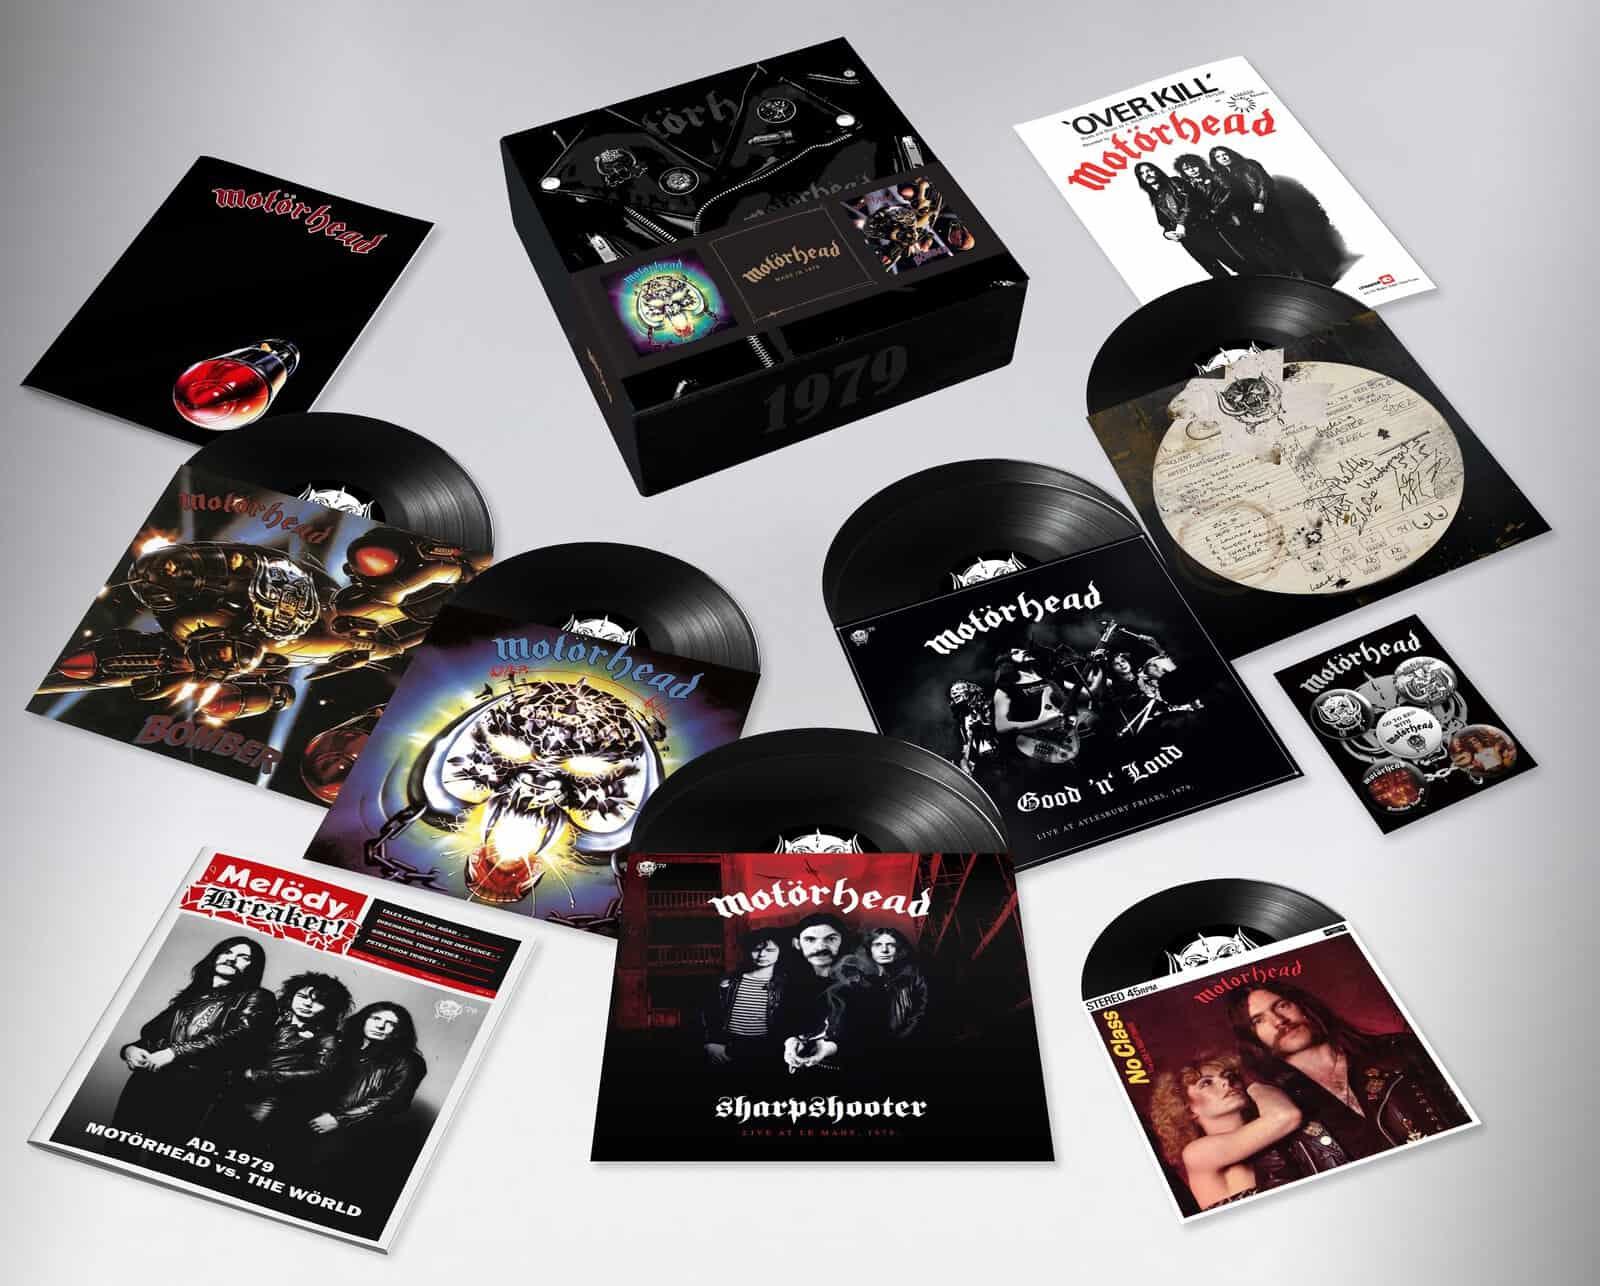 News – Motörhead 1979 box set